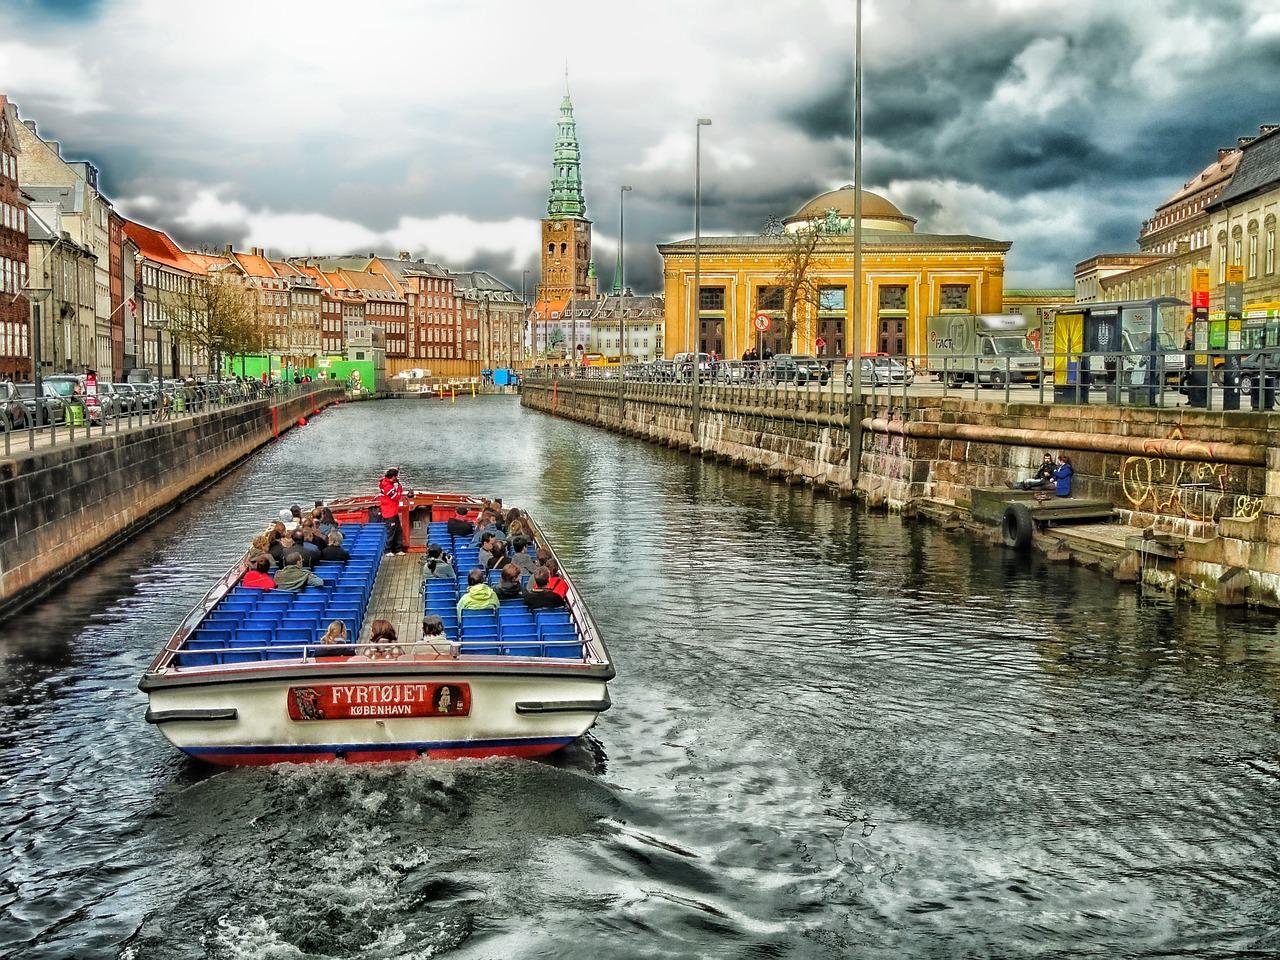 أفضل المدن للزيارة في الدنمارك